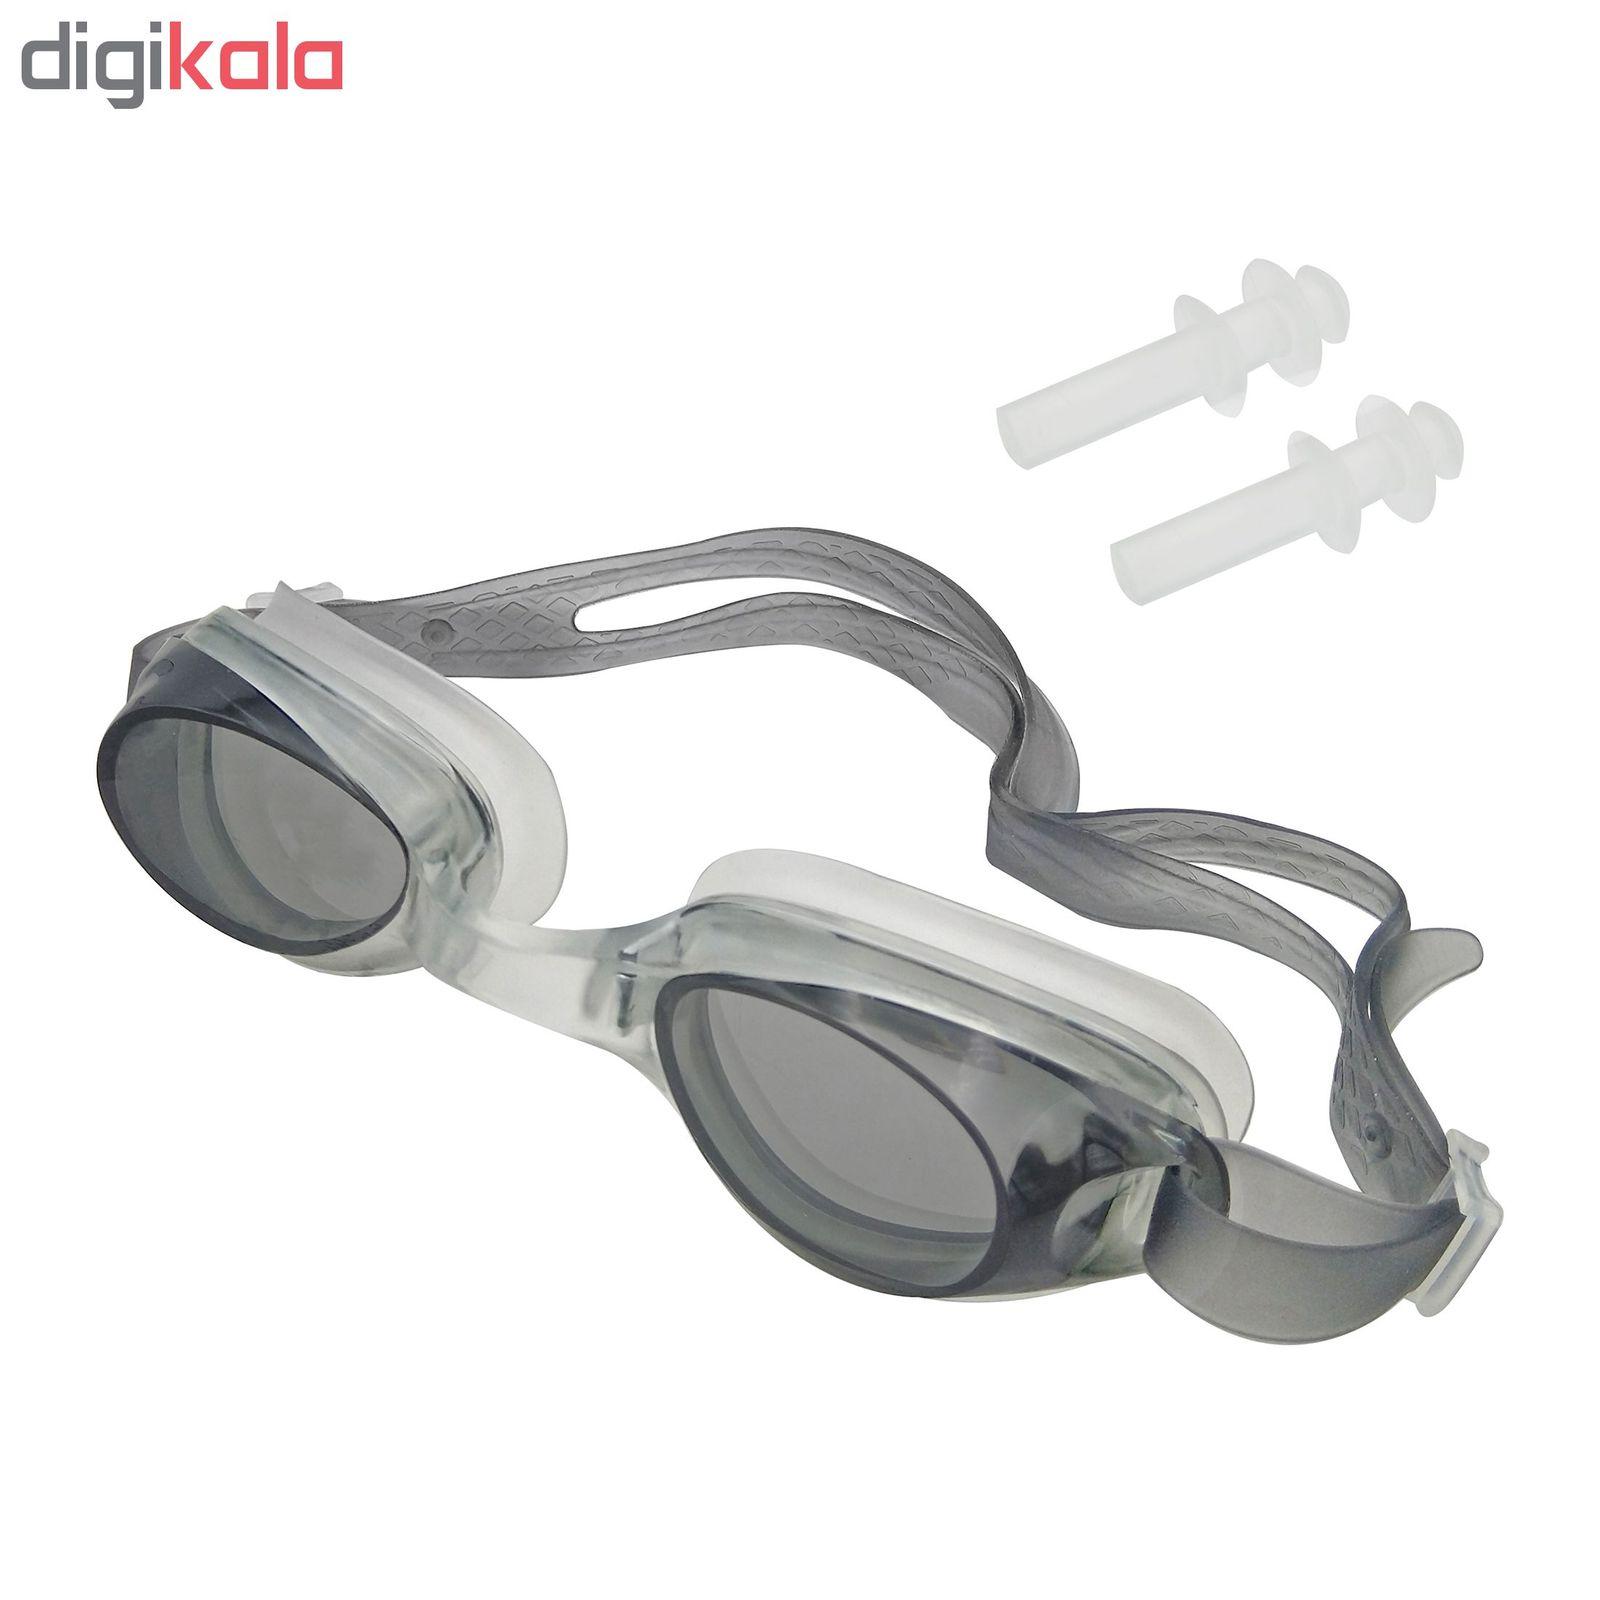 عینک شنا یانگزی مدل F2005  کد 505 main 1 5